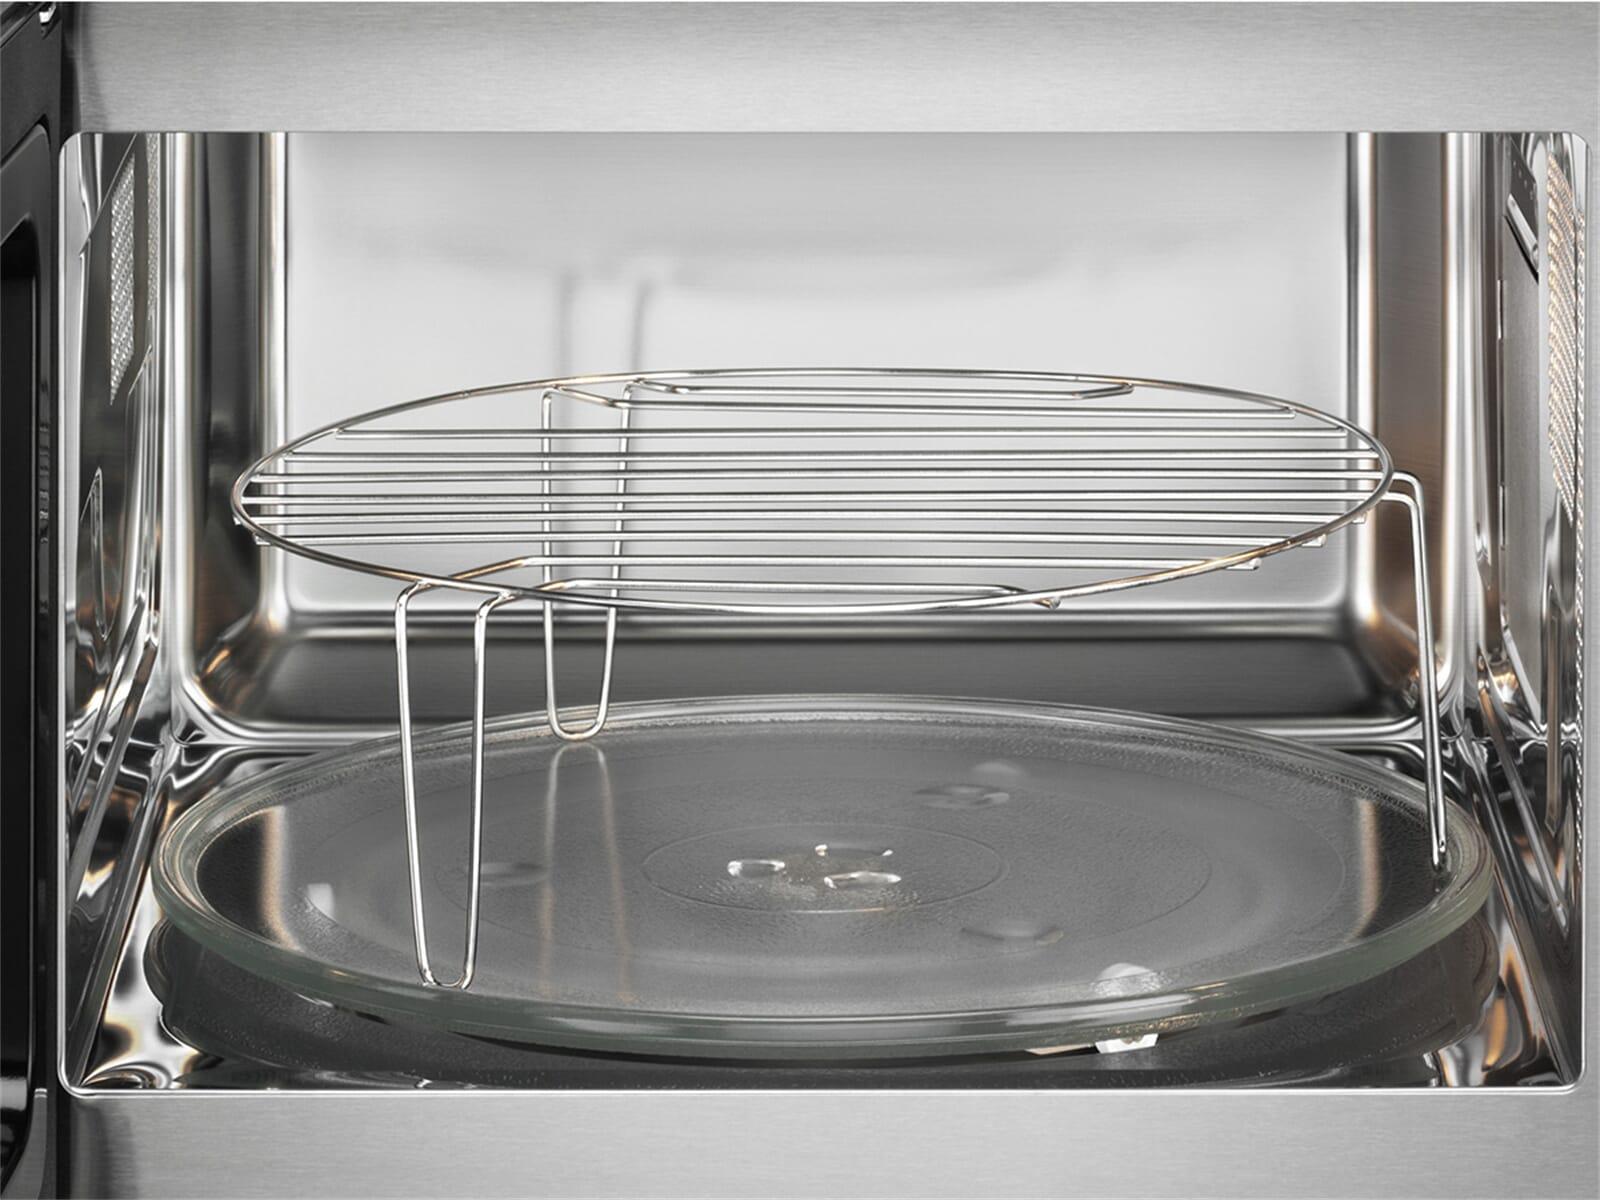 aeg msb2547d m einbau mikrowelle edelstahl. Black Bedroom Furniture Sets. Home Design Ideas